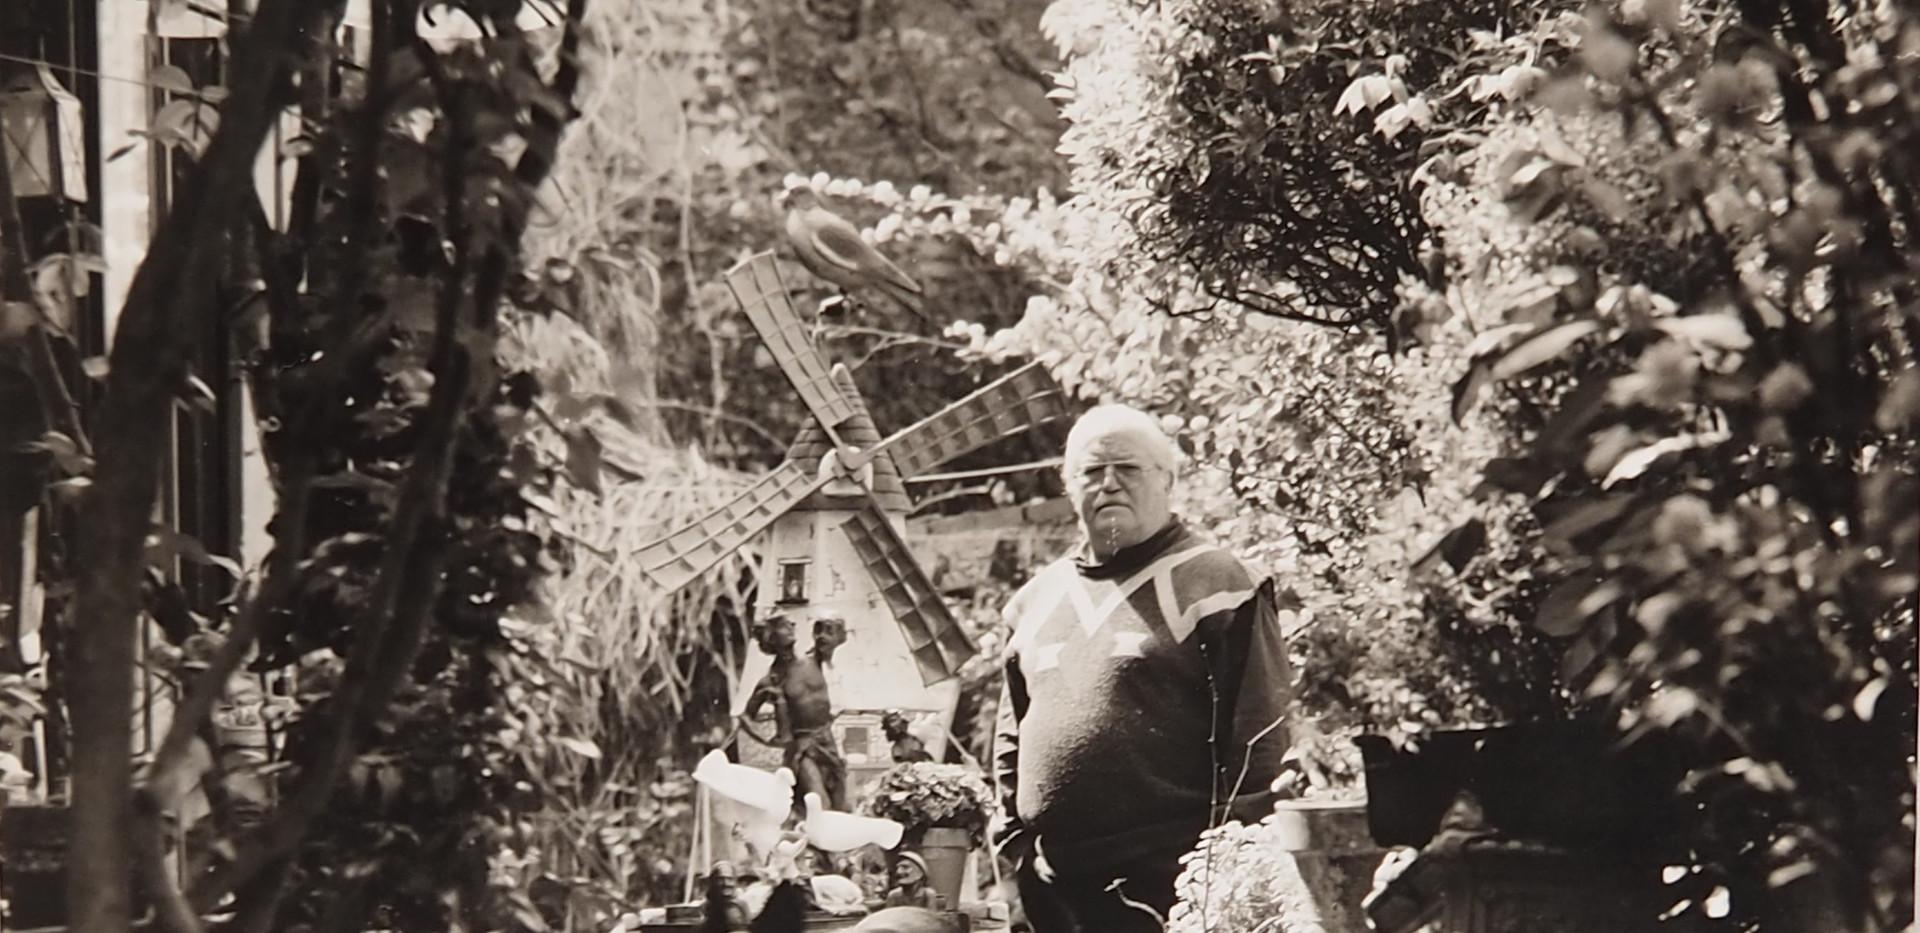 Monsieur Darcillon dans son jardin, rue des Béguines